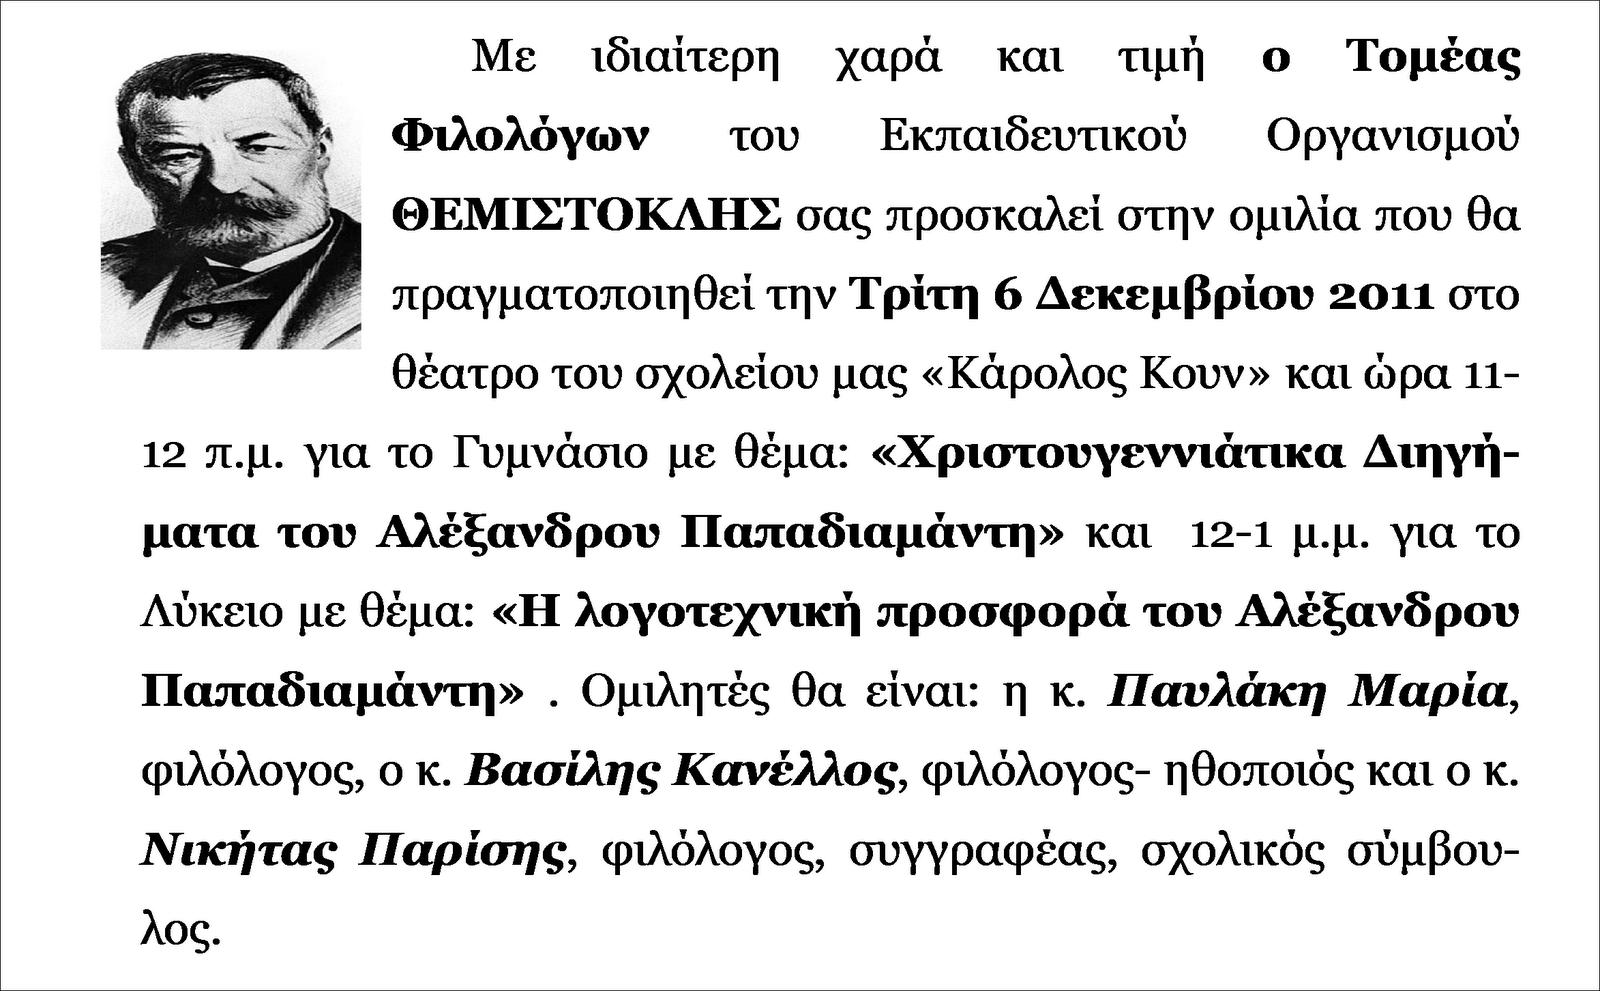 06/12/2011: Χριστουγεννιάτικα διηγήματα του Αλέξανδρου Παπαδιαμάντη